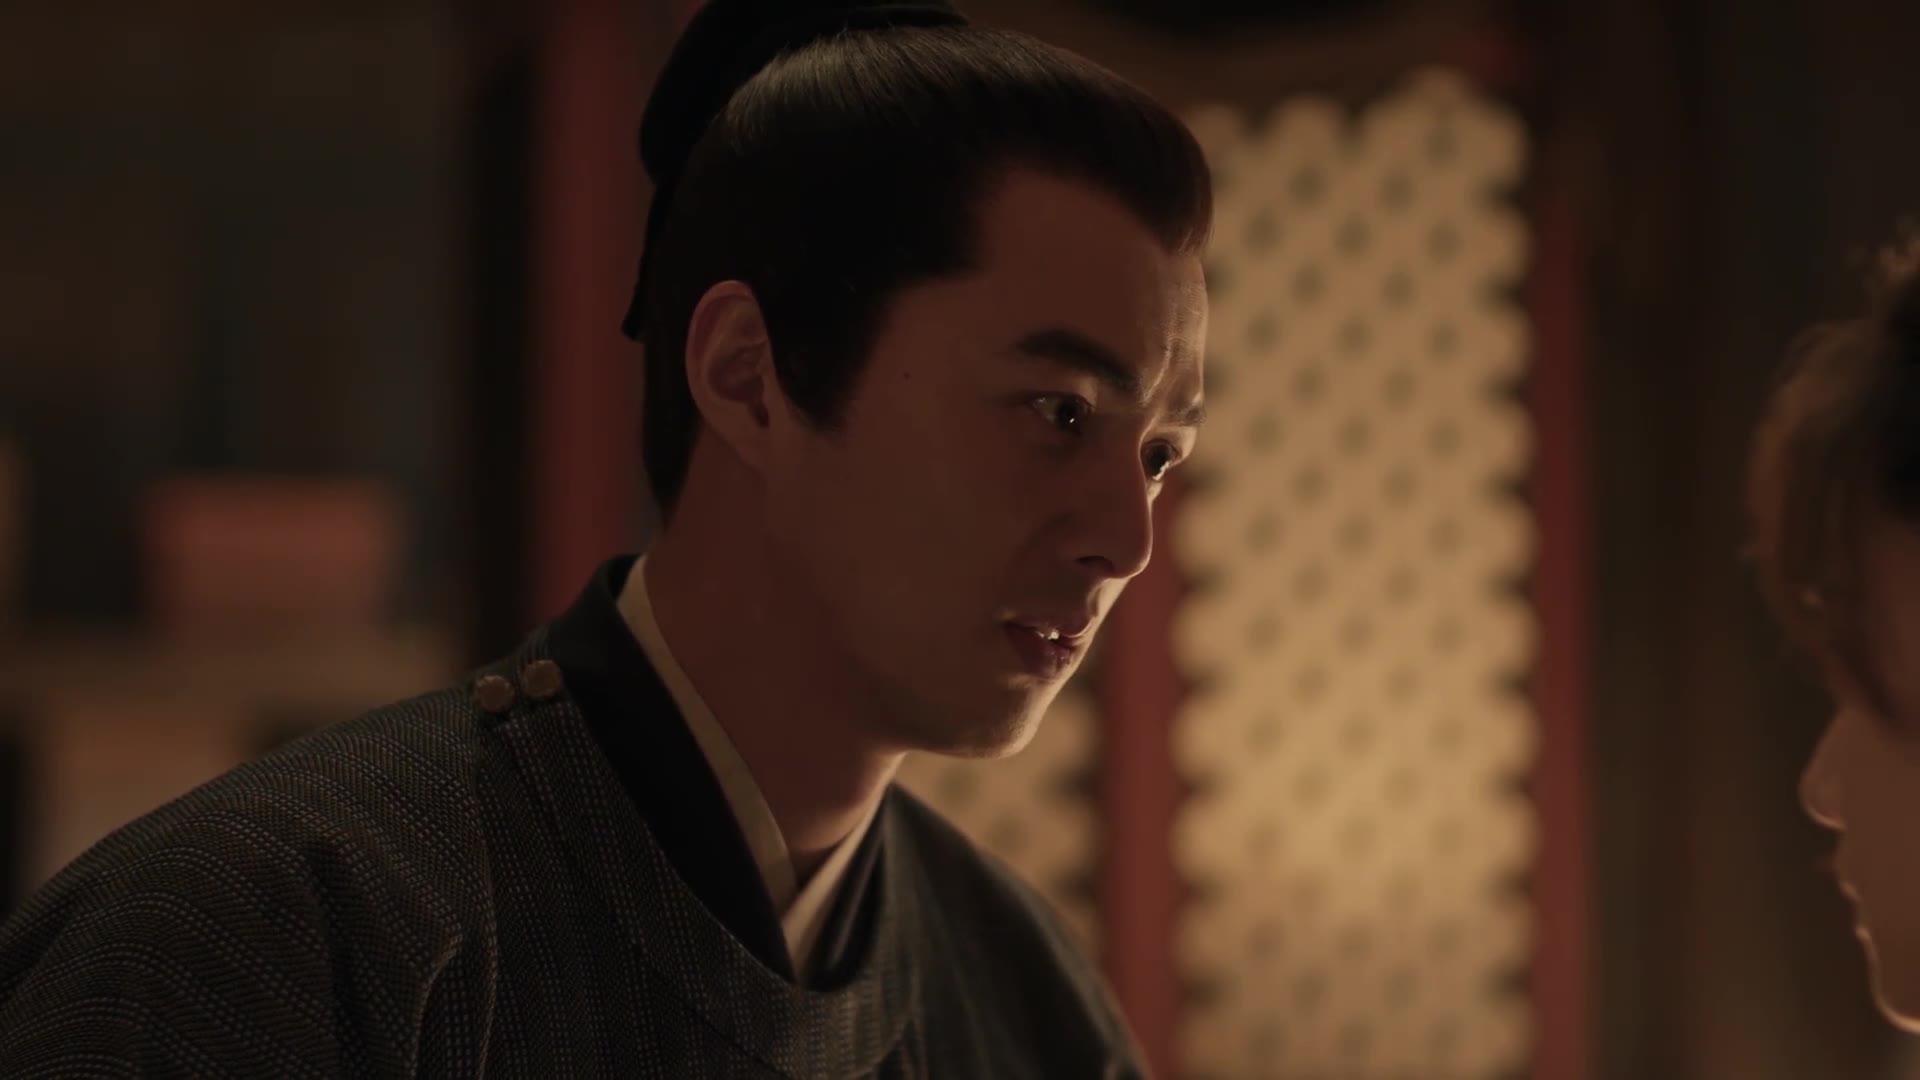 清平乐:张茂则为爱黑化,不顾自身,只愿为曹丹姝阻隔阴谋诡计